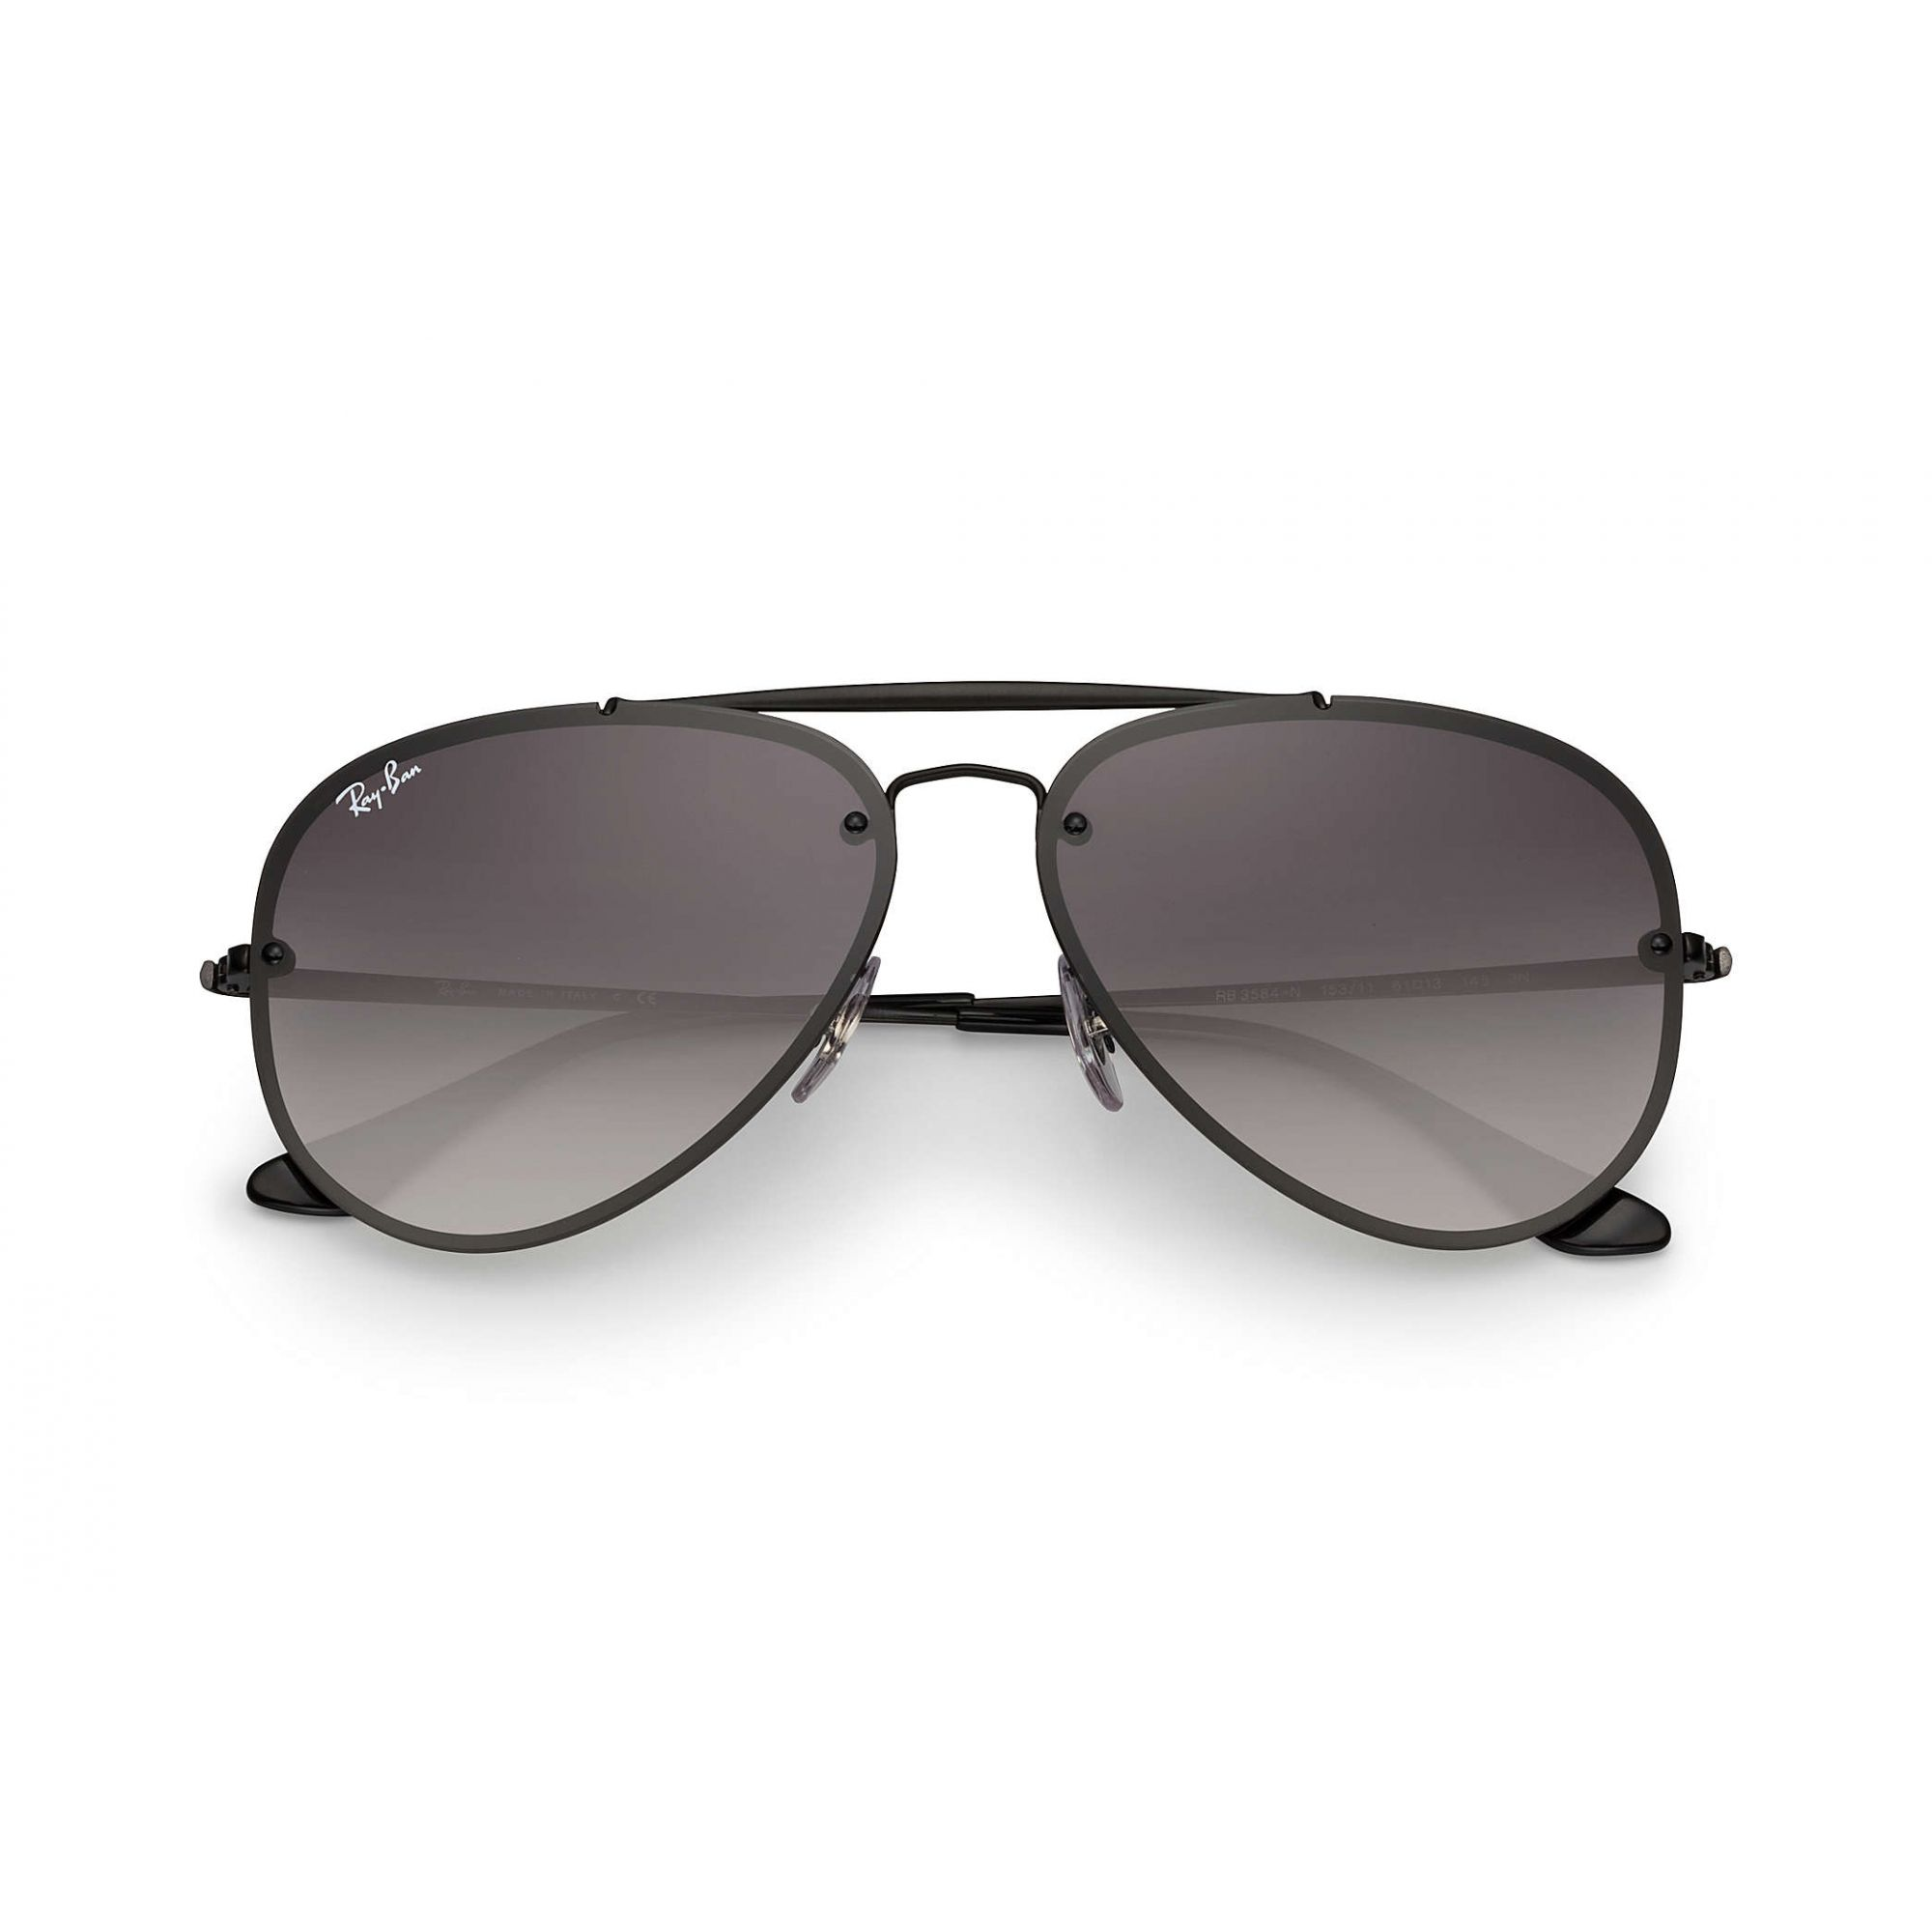 Ray Ban - RB3584N 1531161 - Óculos de sol